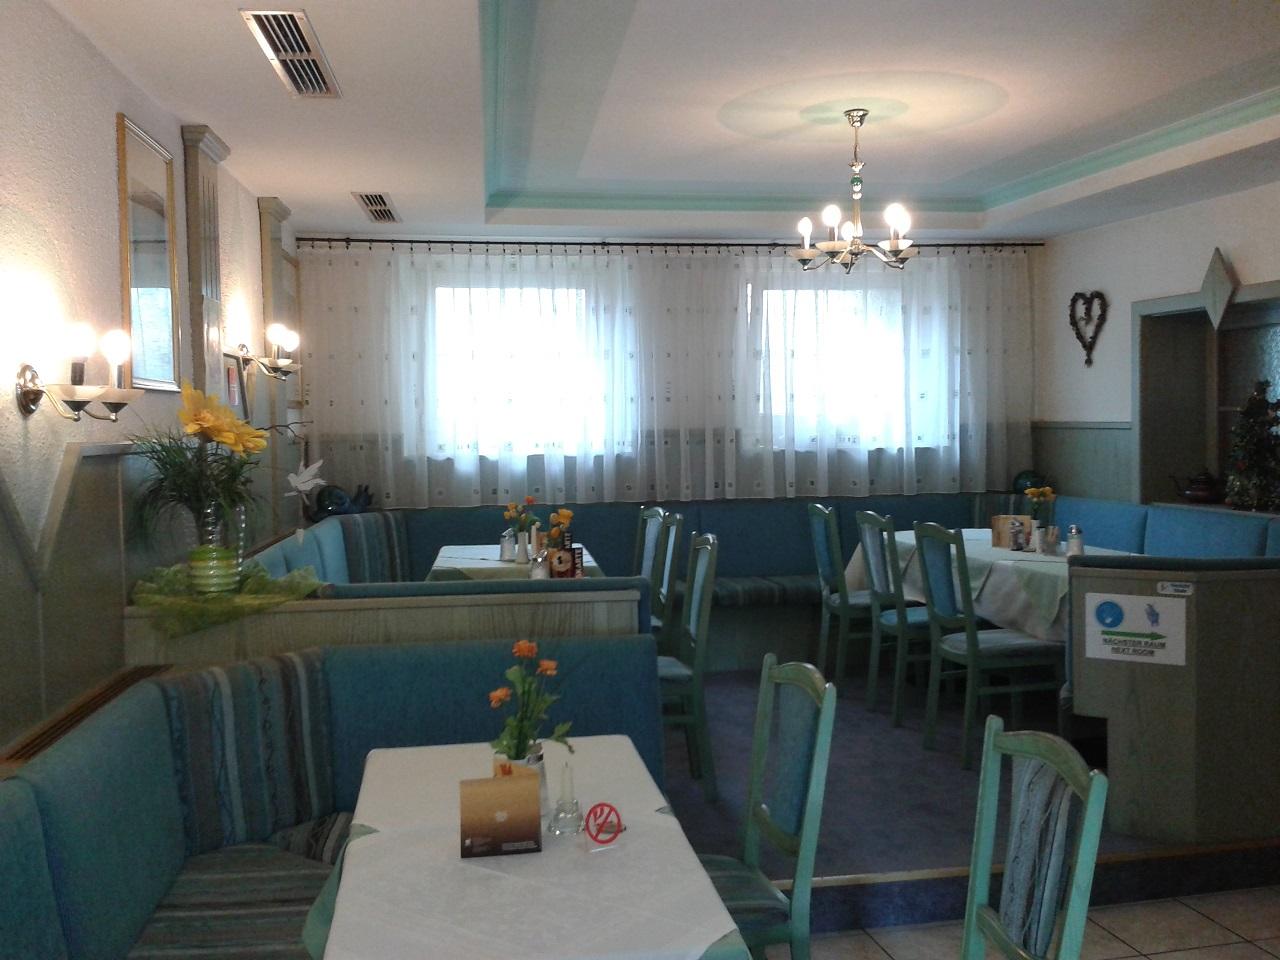 Nichraucher Restaurant Bad Goisern